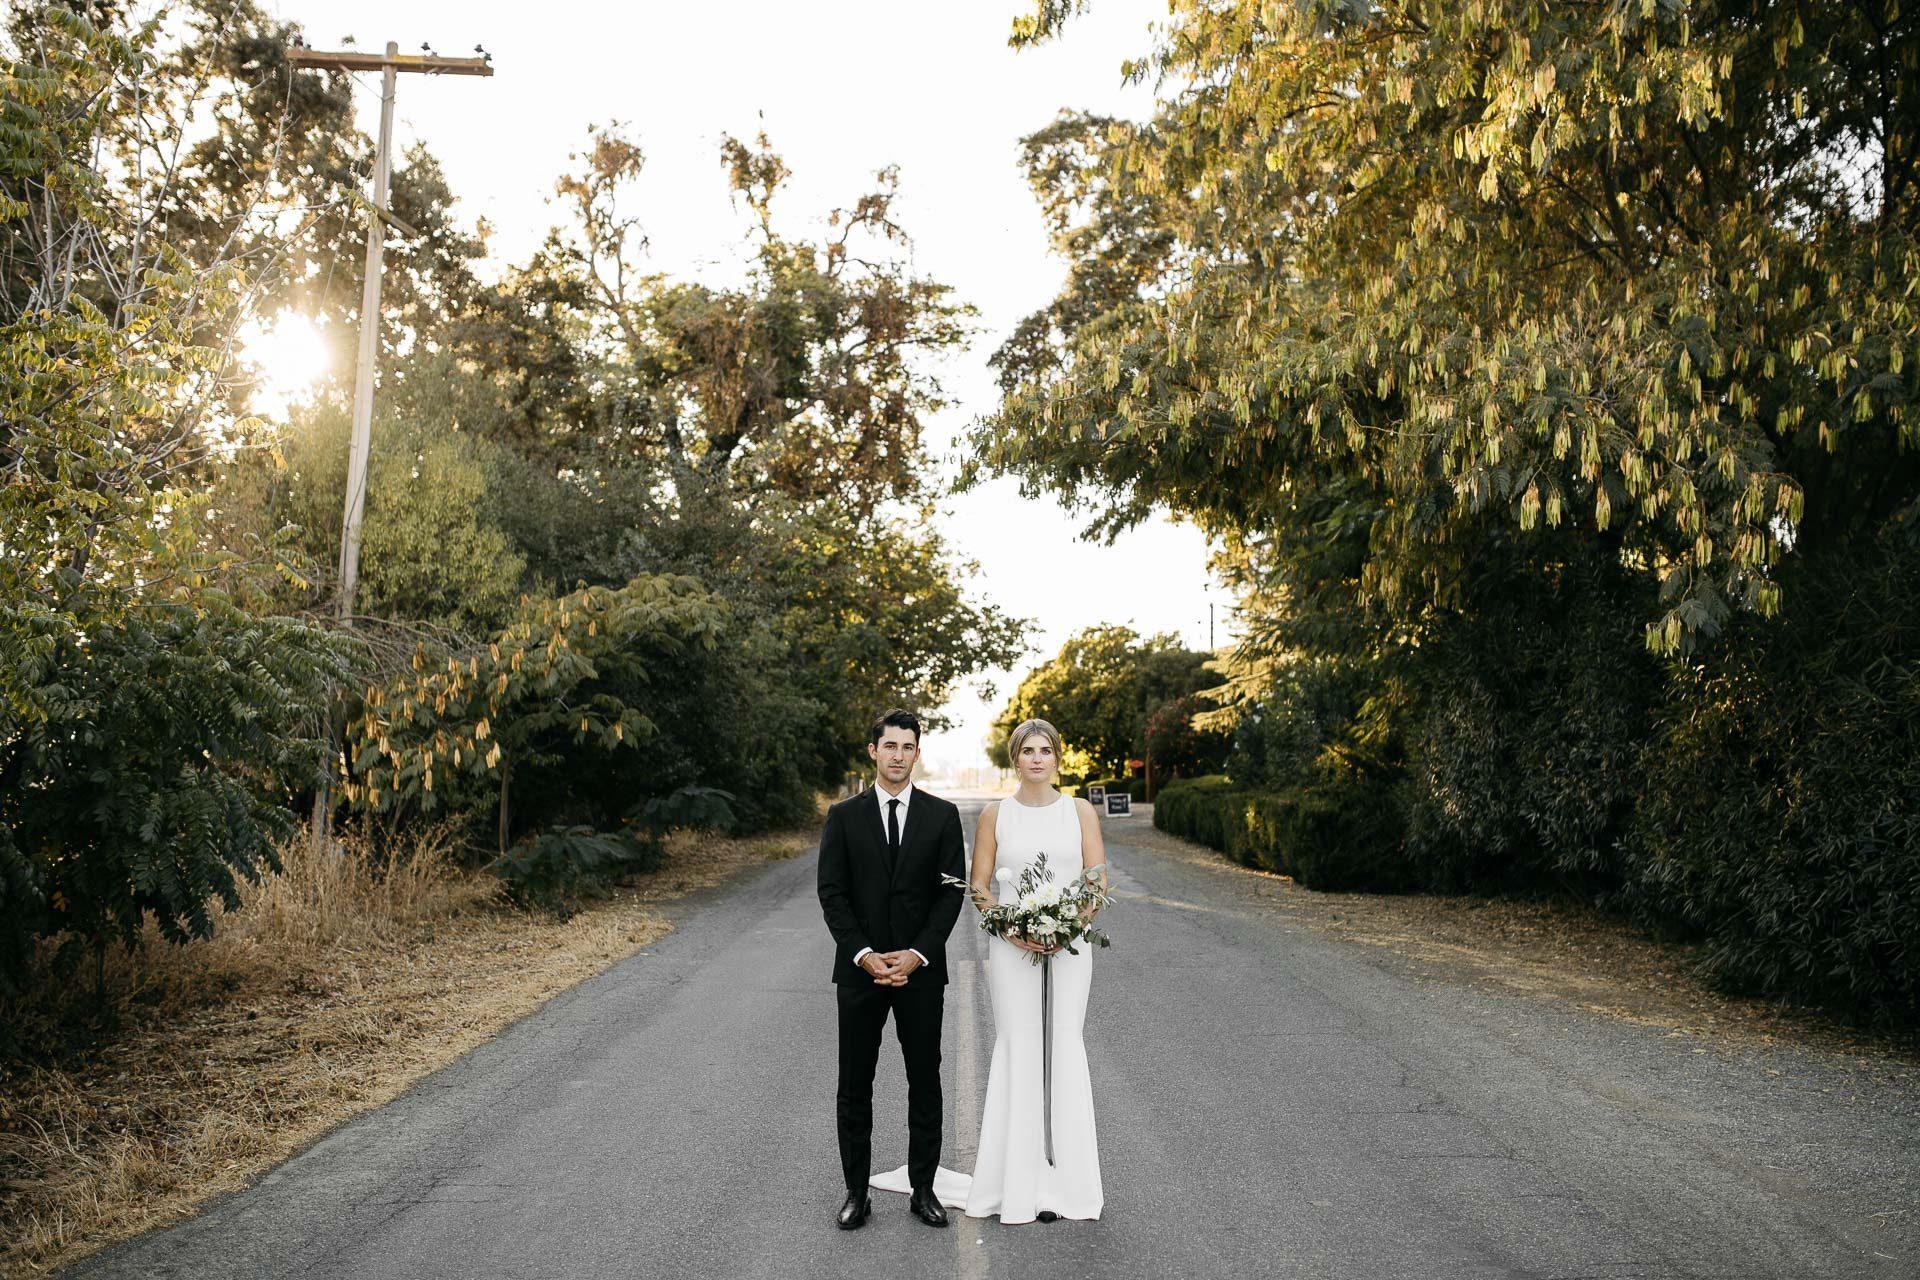 Lauren & Graham's wedding at Park Winters . Winters, California